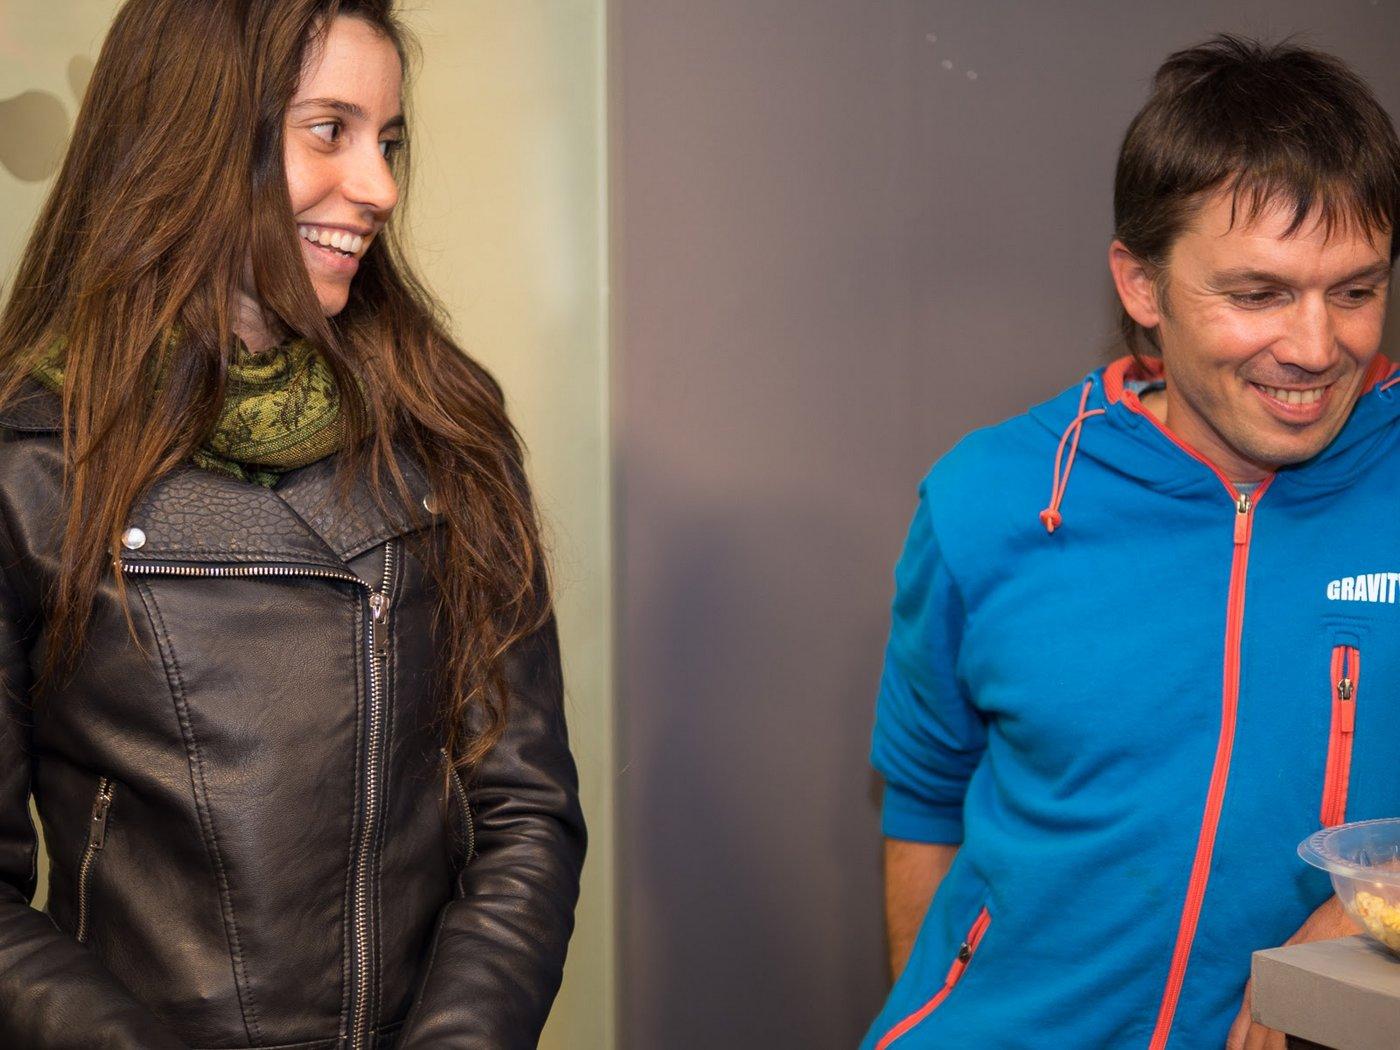 תמונה: ויקטור ומרים באירוע השקת הקבוצה